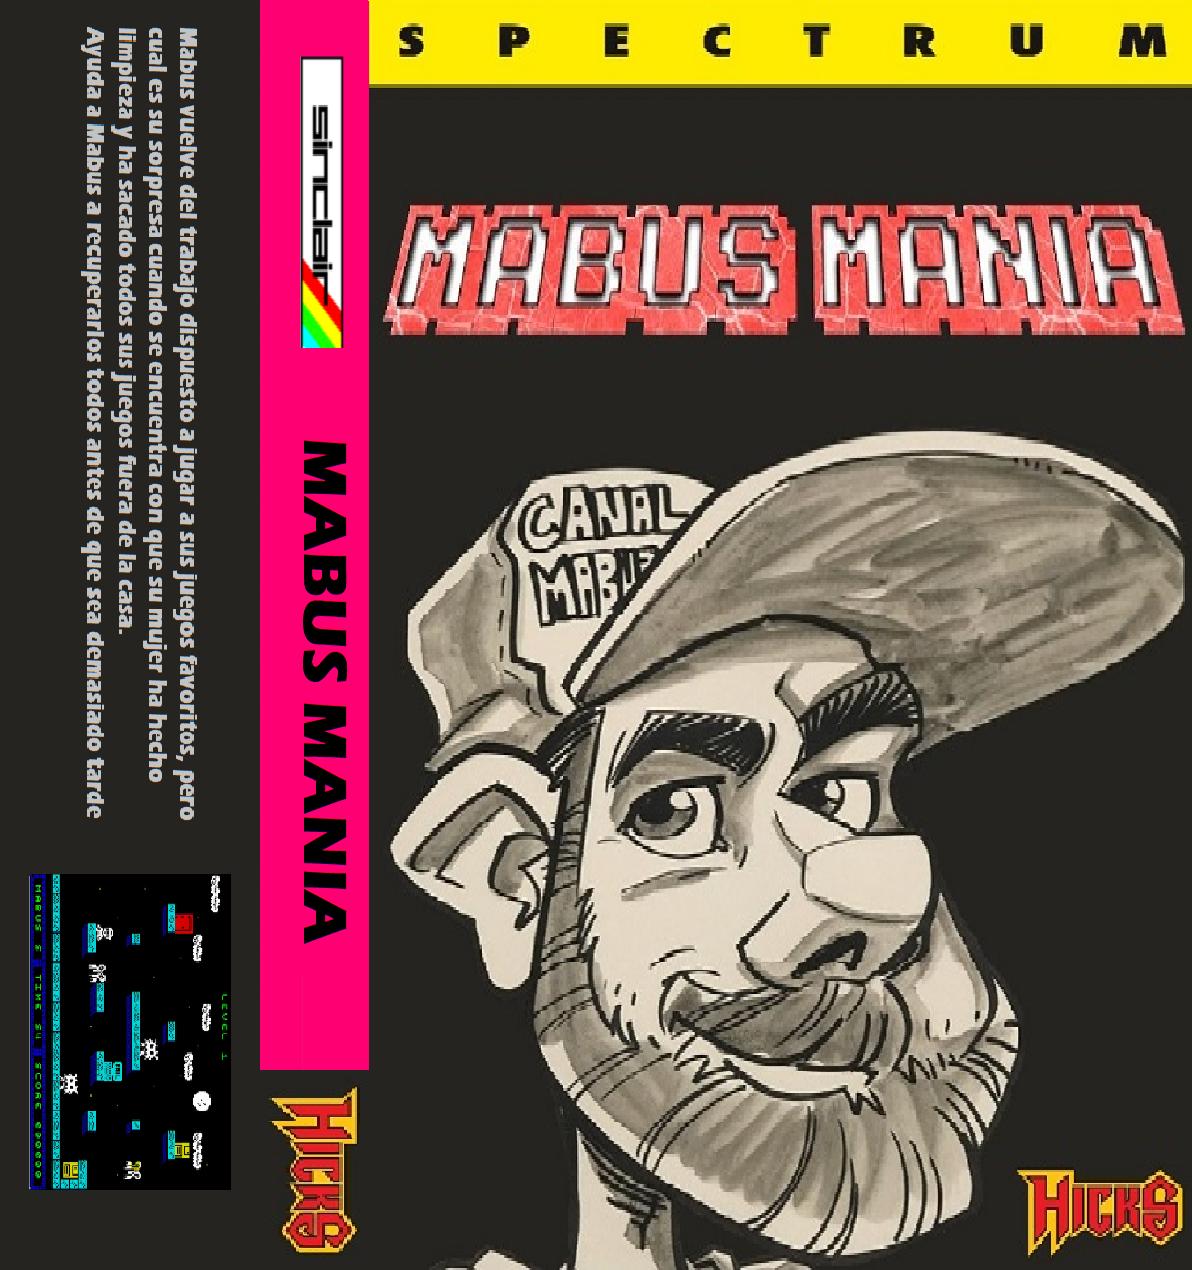 MABUS MANIA